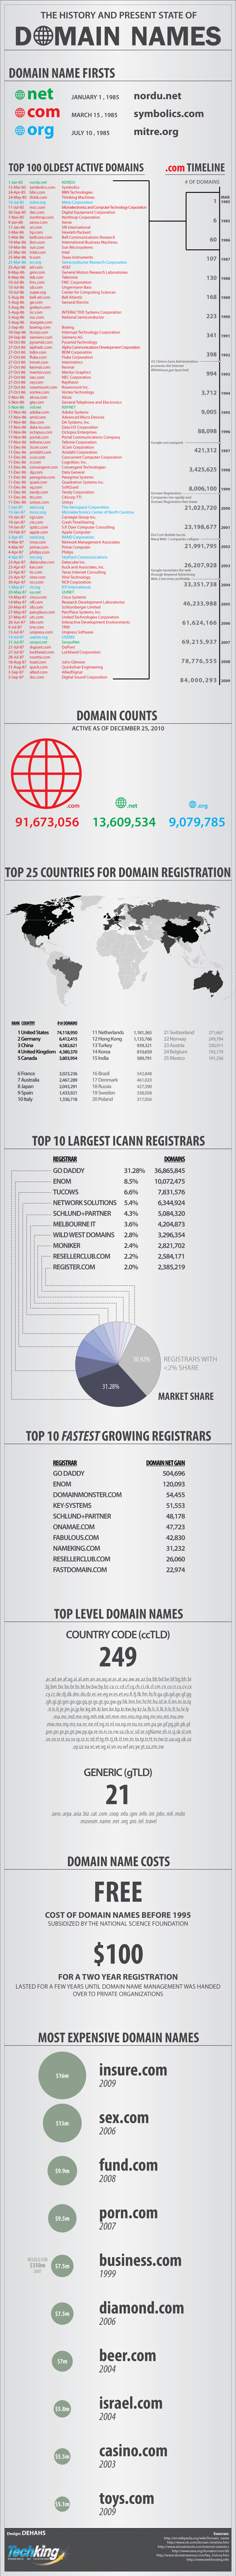 نام های دامنه به روایت آمار و تصویر